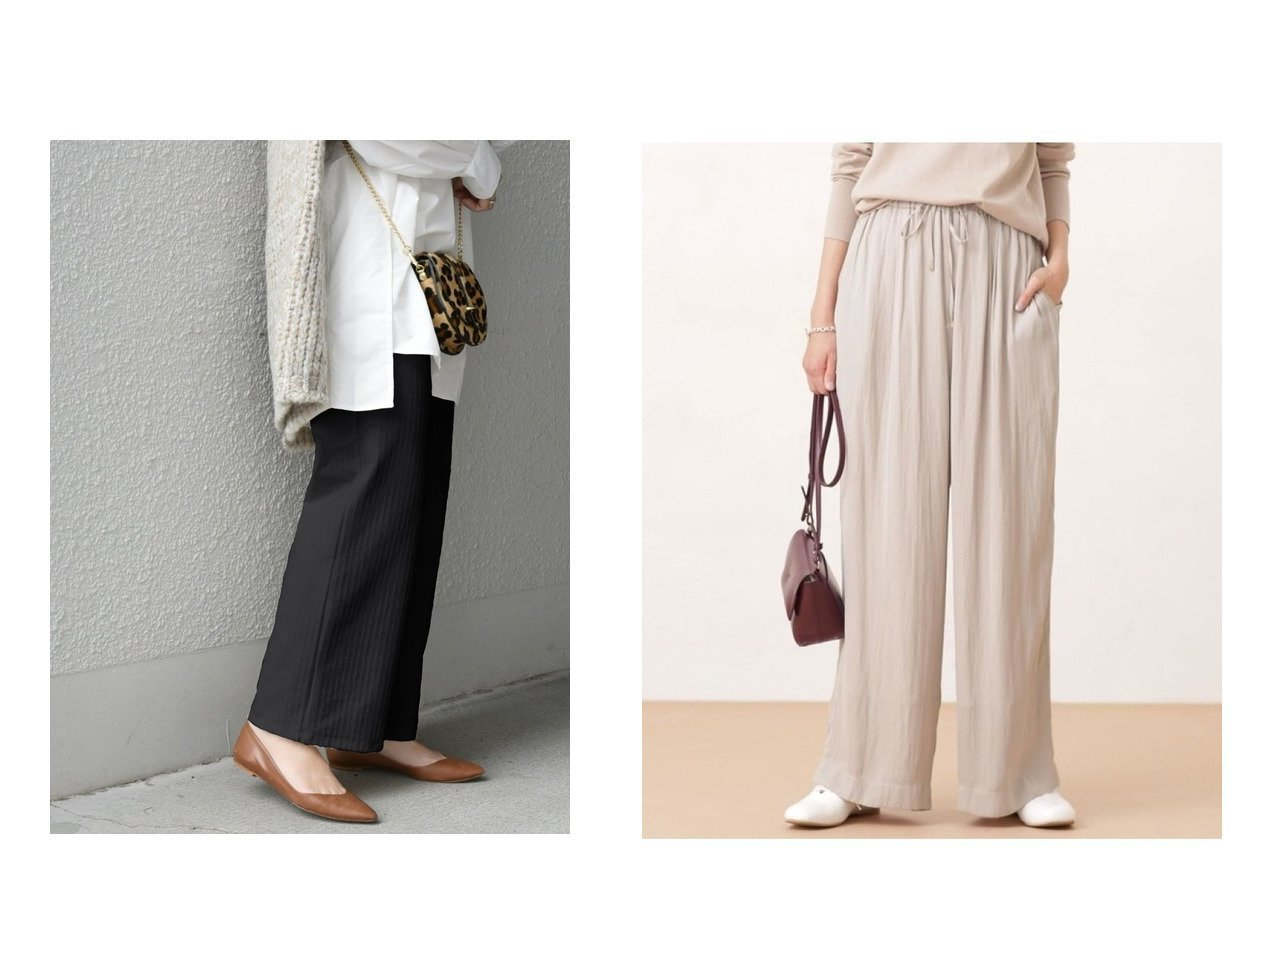 【SHIPS any/シップス エニィ】のSHIPS any コーデュロイ ジャージ パンツ&【nano universe/ナノ ユニバース】のドットジャガードイージーパンツ パンツのおすすめ!人気、トレンド・レディースファッションの通販 おすすめで人気の流行・トレンド、ファッションの通販商品 メンズファッション・キッズファッション・インテリア・家具・レディースファッション・服の通販 founy(ファニー) https://founy.com/ ファッション Fashion レディースファッション WOMEN パンツ Pants ギャザー サテン ジーンズ とろみ ドット ドレープ プリント リボン ロング ワイド 再入荷 Restock/Back in Stock/Re Arrival NEW・新作・新着・新入荷 New Arrivals コーデュロイ ジャージ ストレッチ ストレート ビッグ ポケット 人気 冬 Winter 秋 Autumn/Fall |ID:crp329100000014418